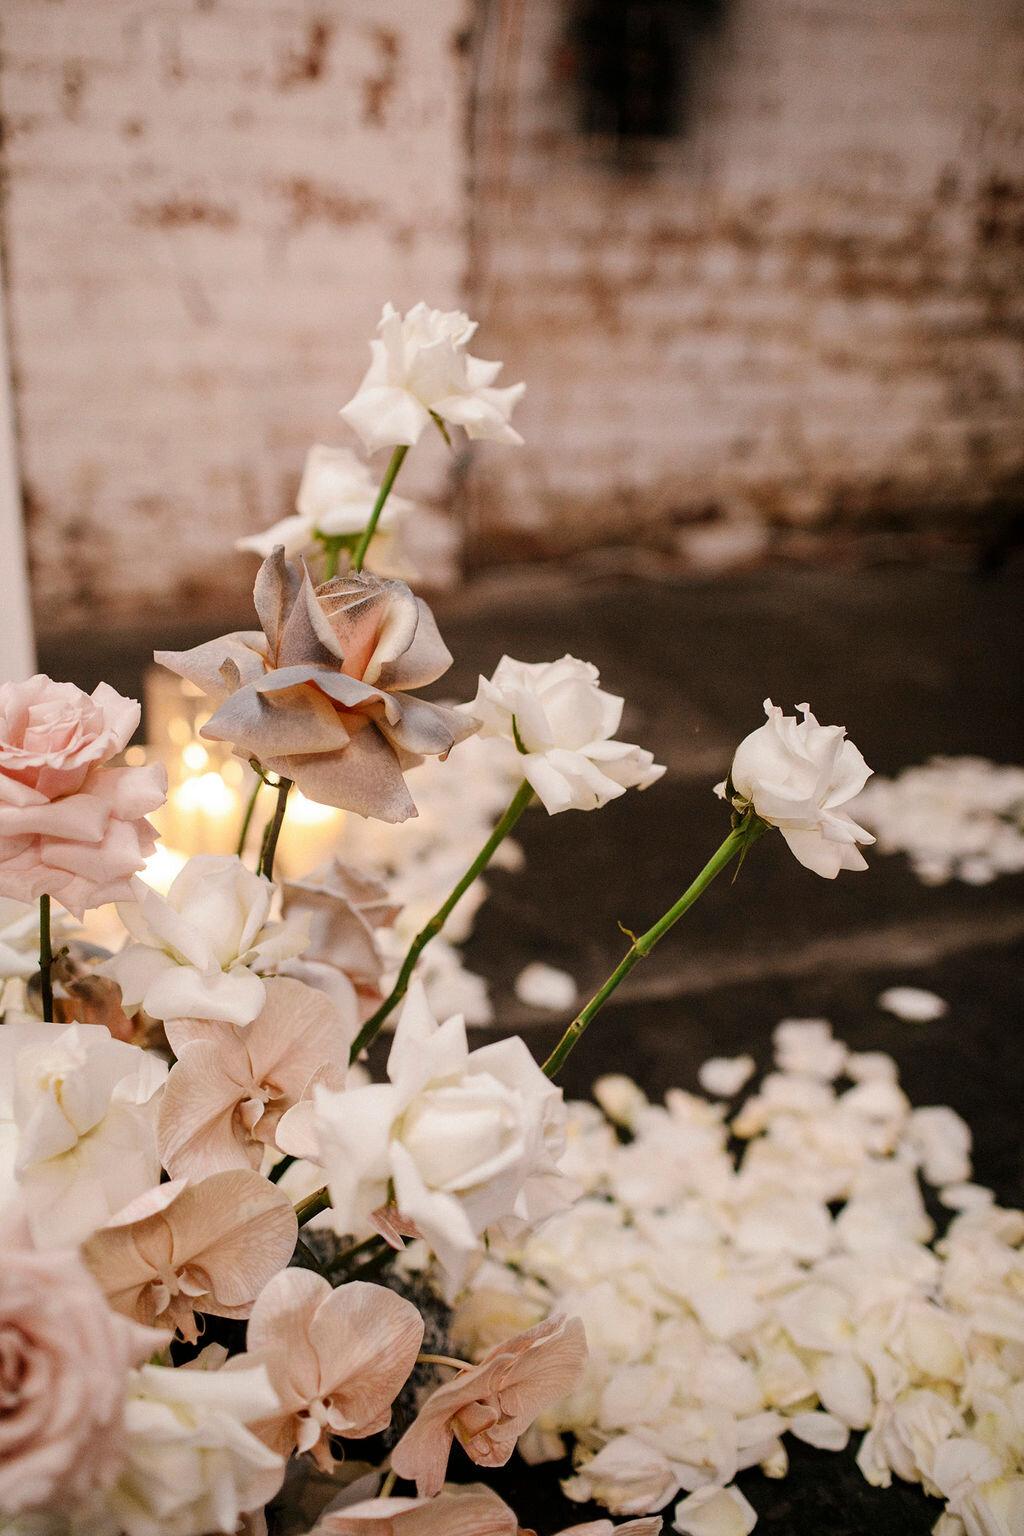 WEDDINGS - VIEW ALBUM